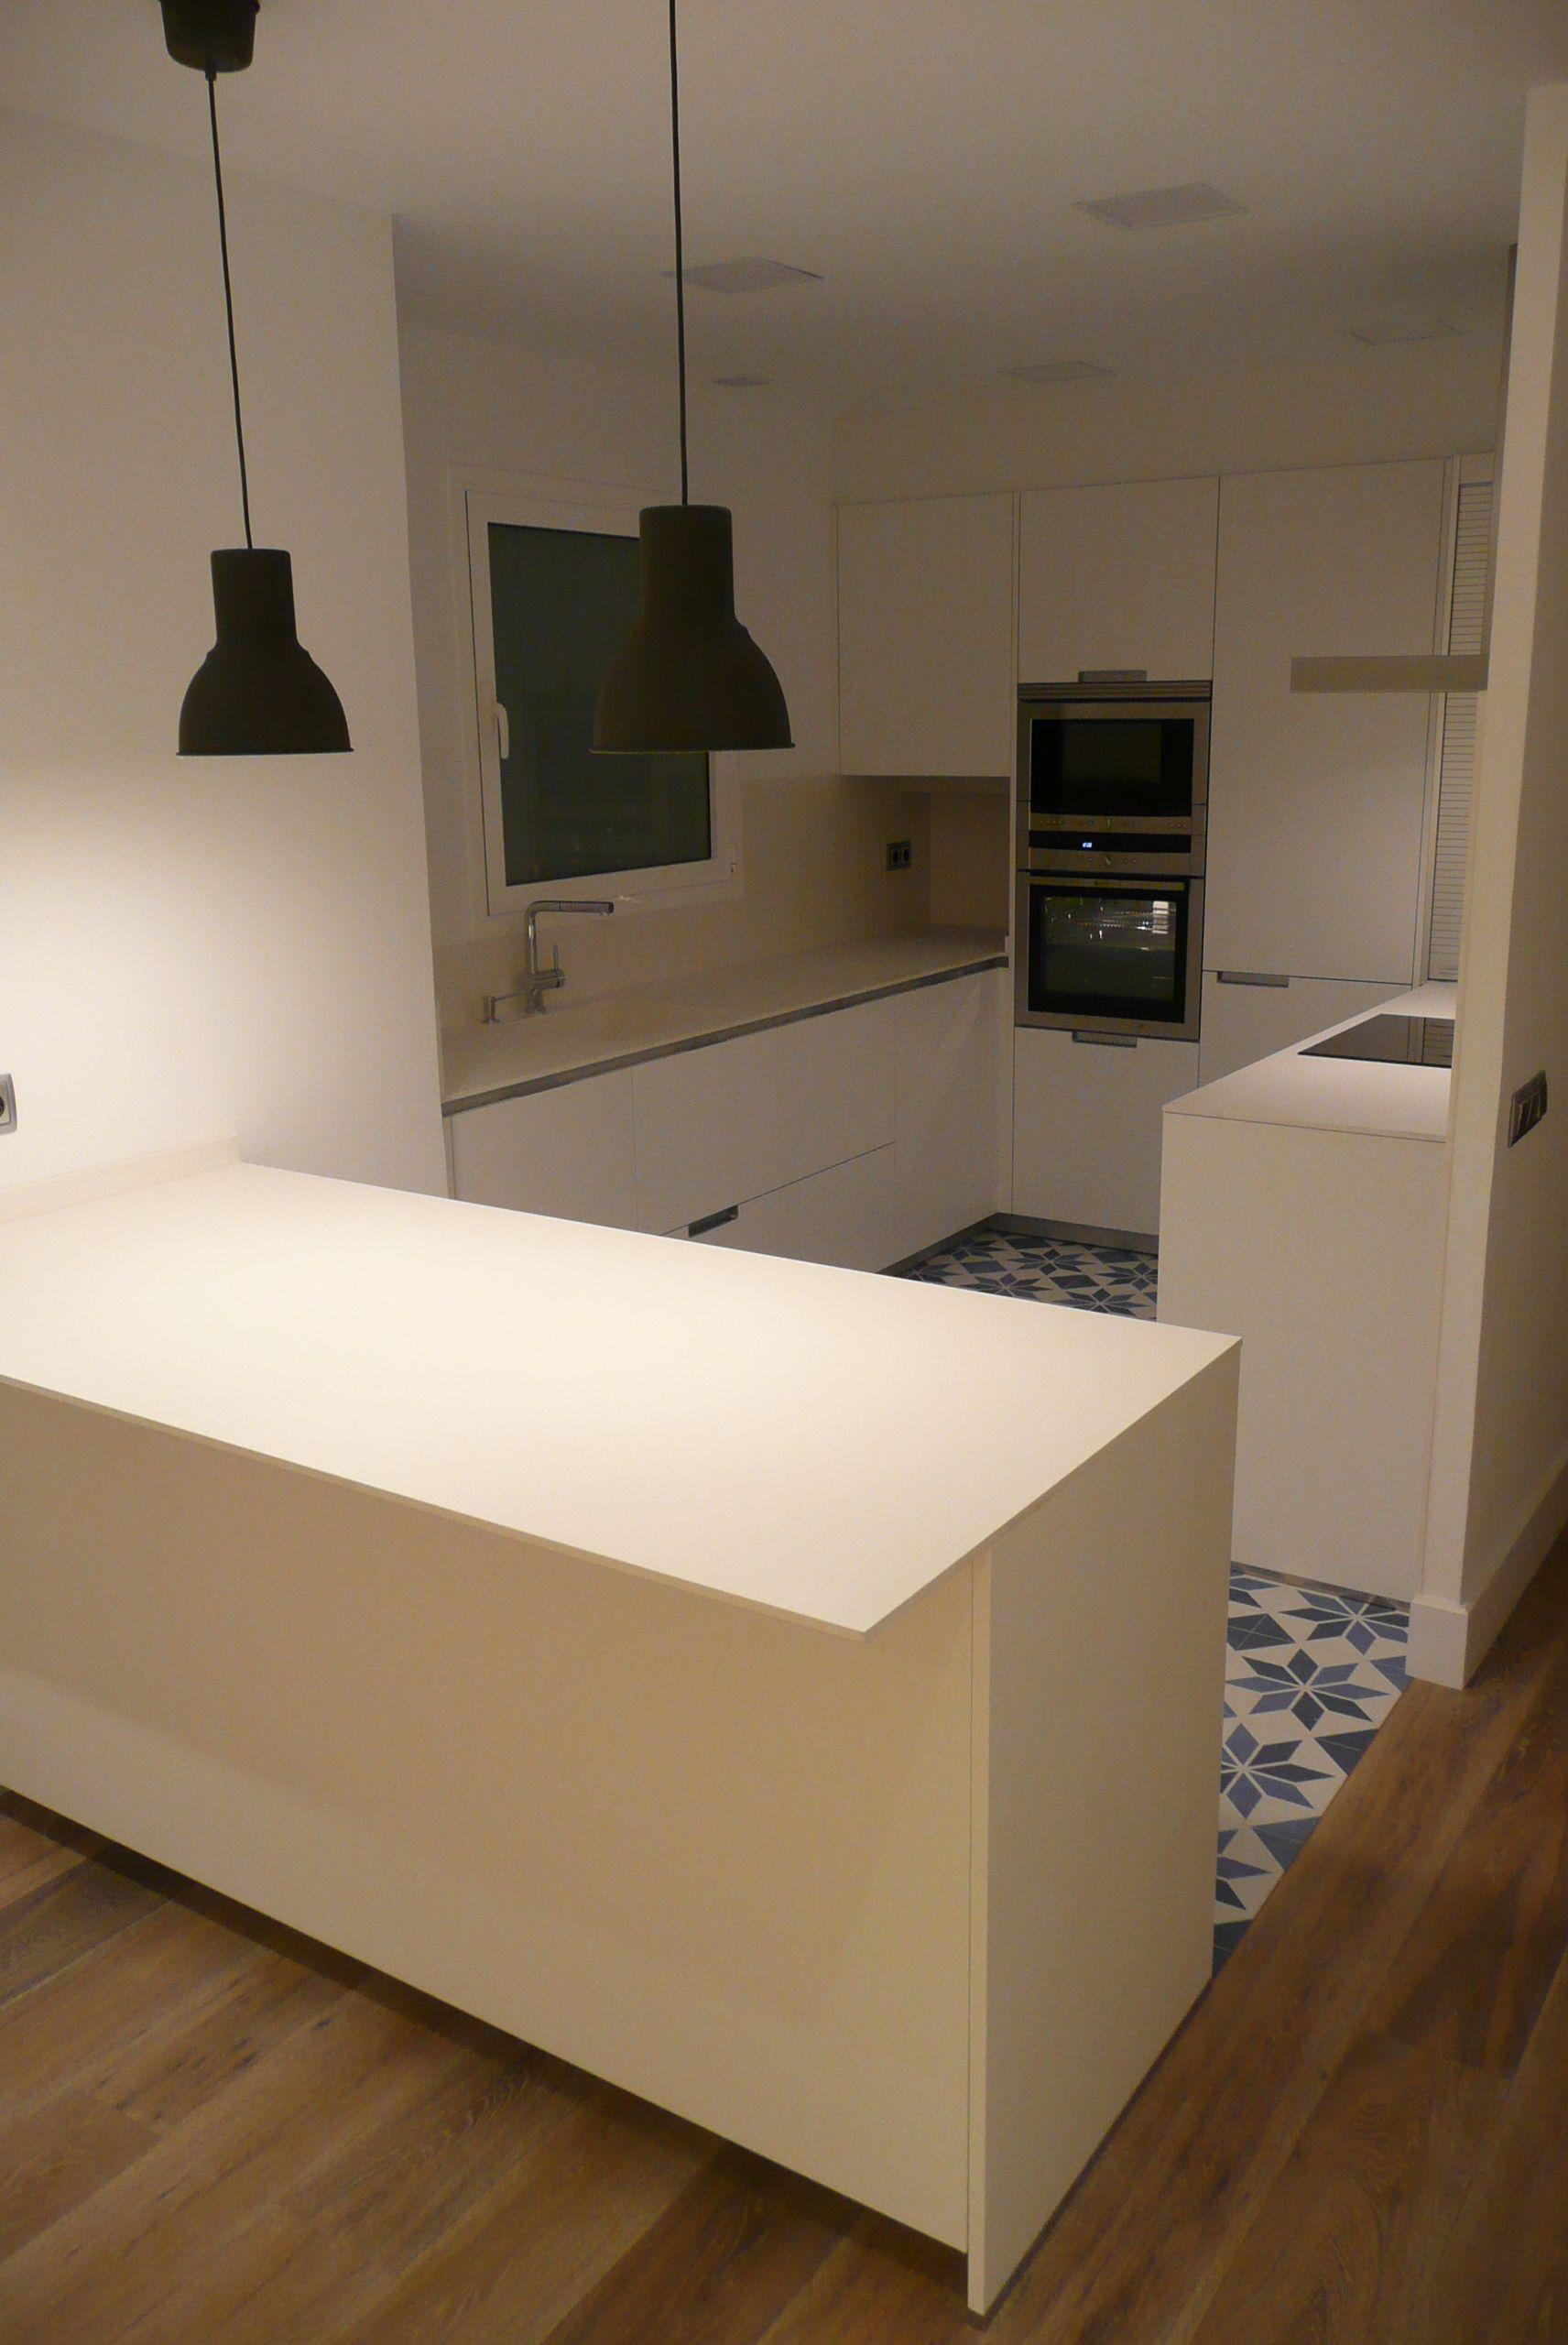 Moderno Gloss Imágenes Cocina Blanca Ideas Ornamento Elaboración ...